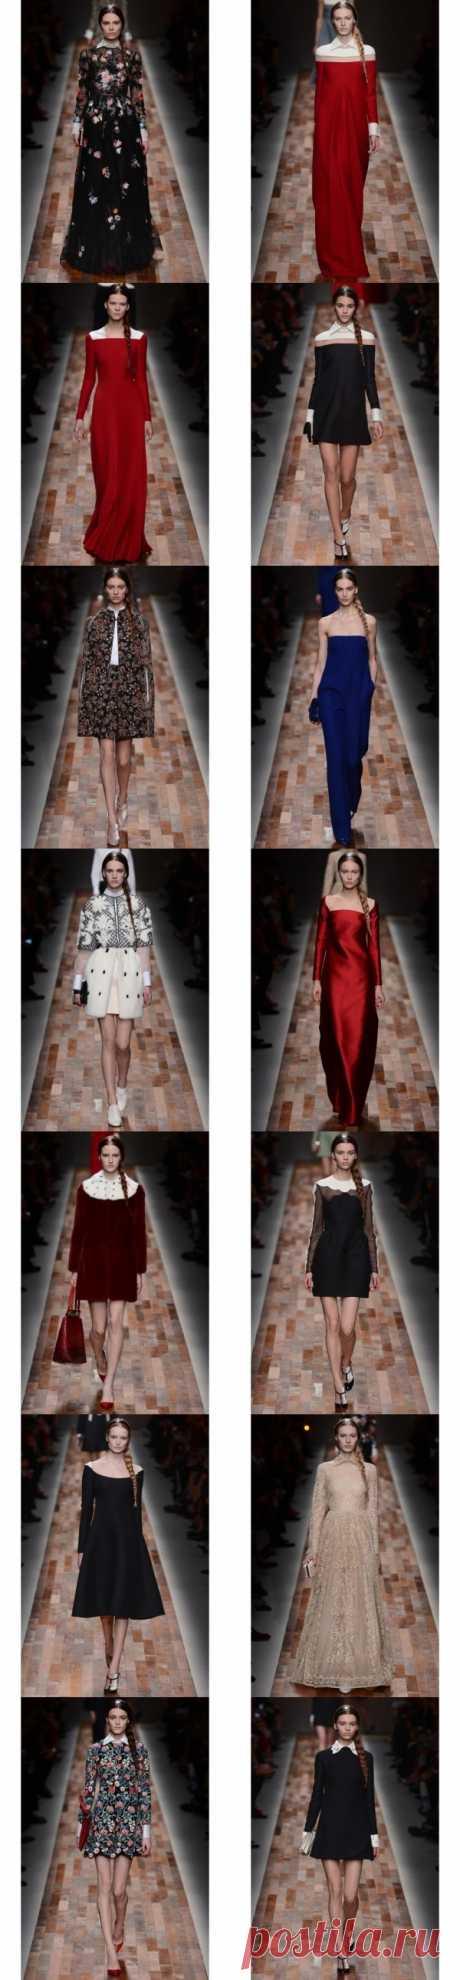 Неделя моды в Париже: Valentino осень-зима 2013-2014